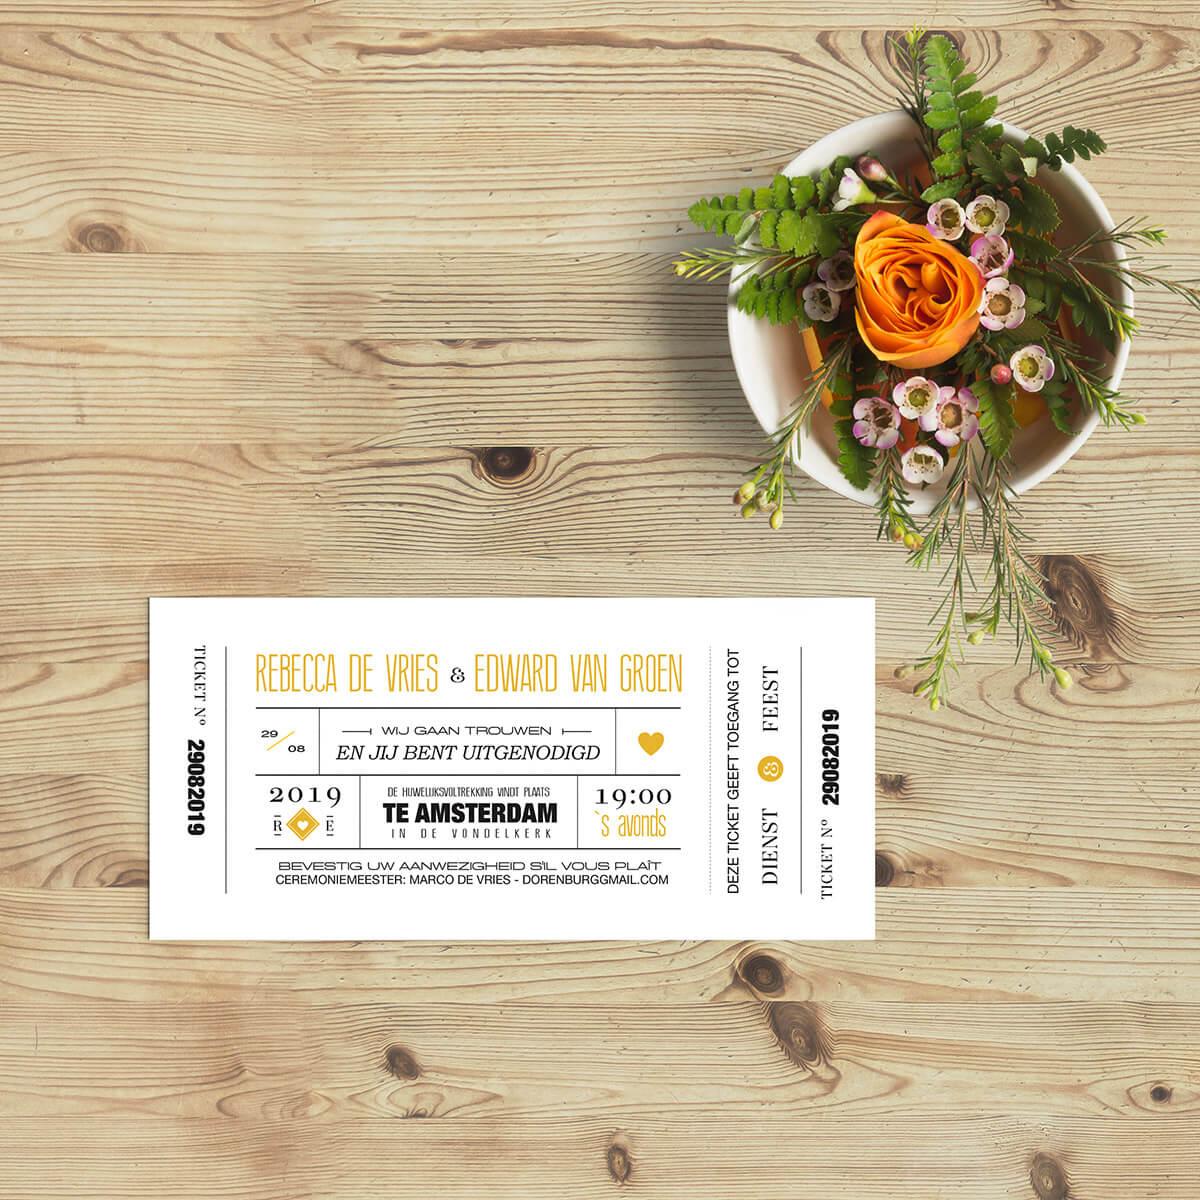 Trouwkaart Modern Ticket is een ontwerp waar de typografie centraal staat, het spel met de tekst. Tot in detail uitgewerkt met allerlei leuke elementen.